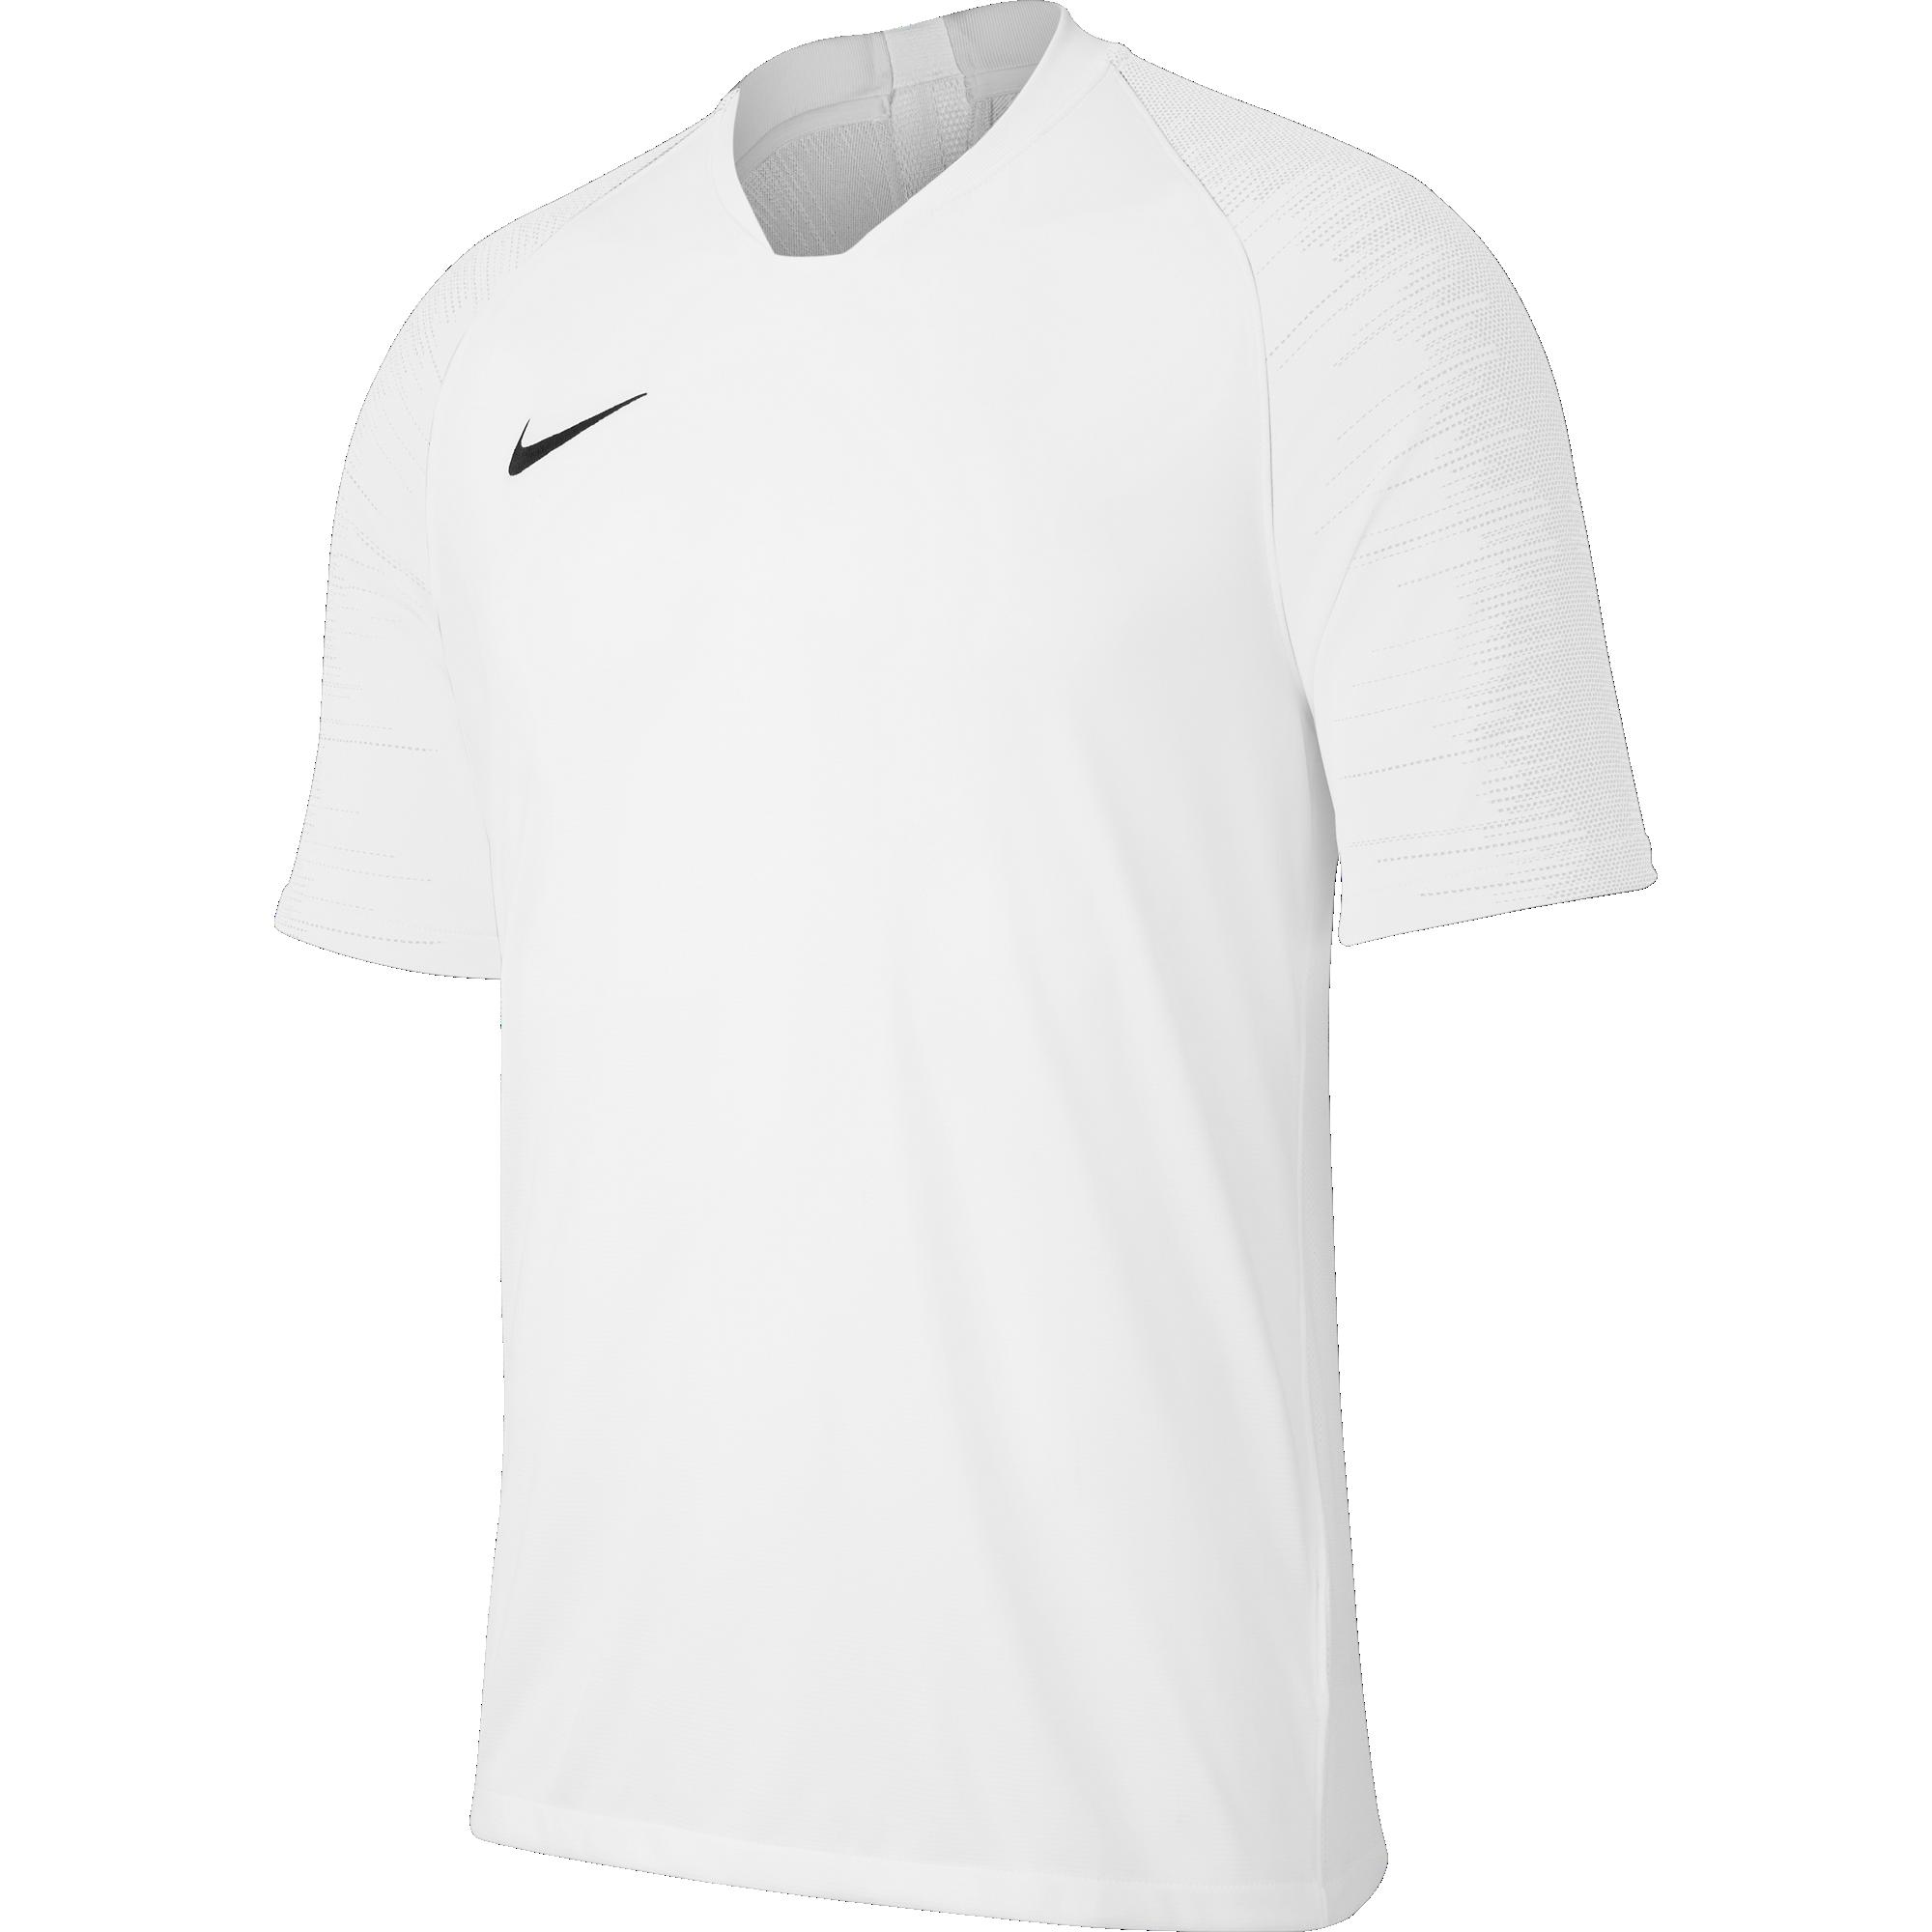 Nike Strike jersey (white)